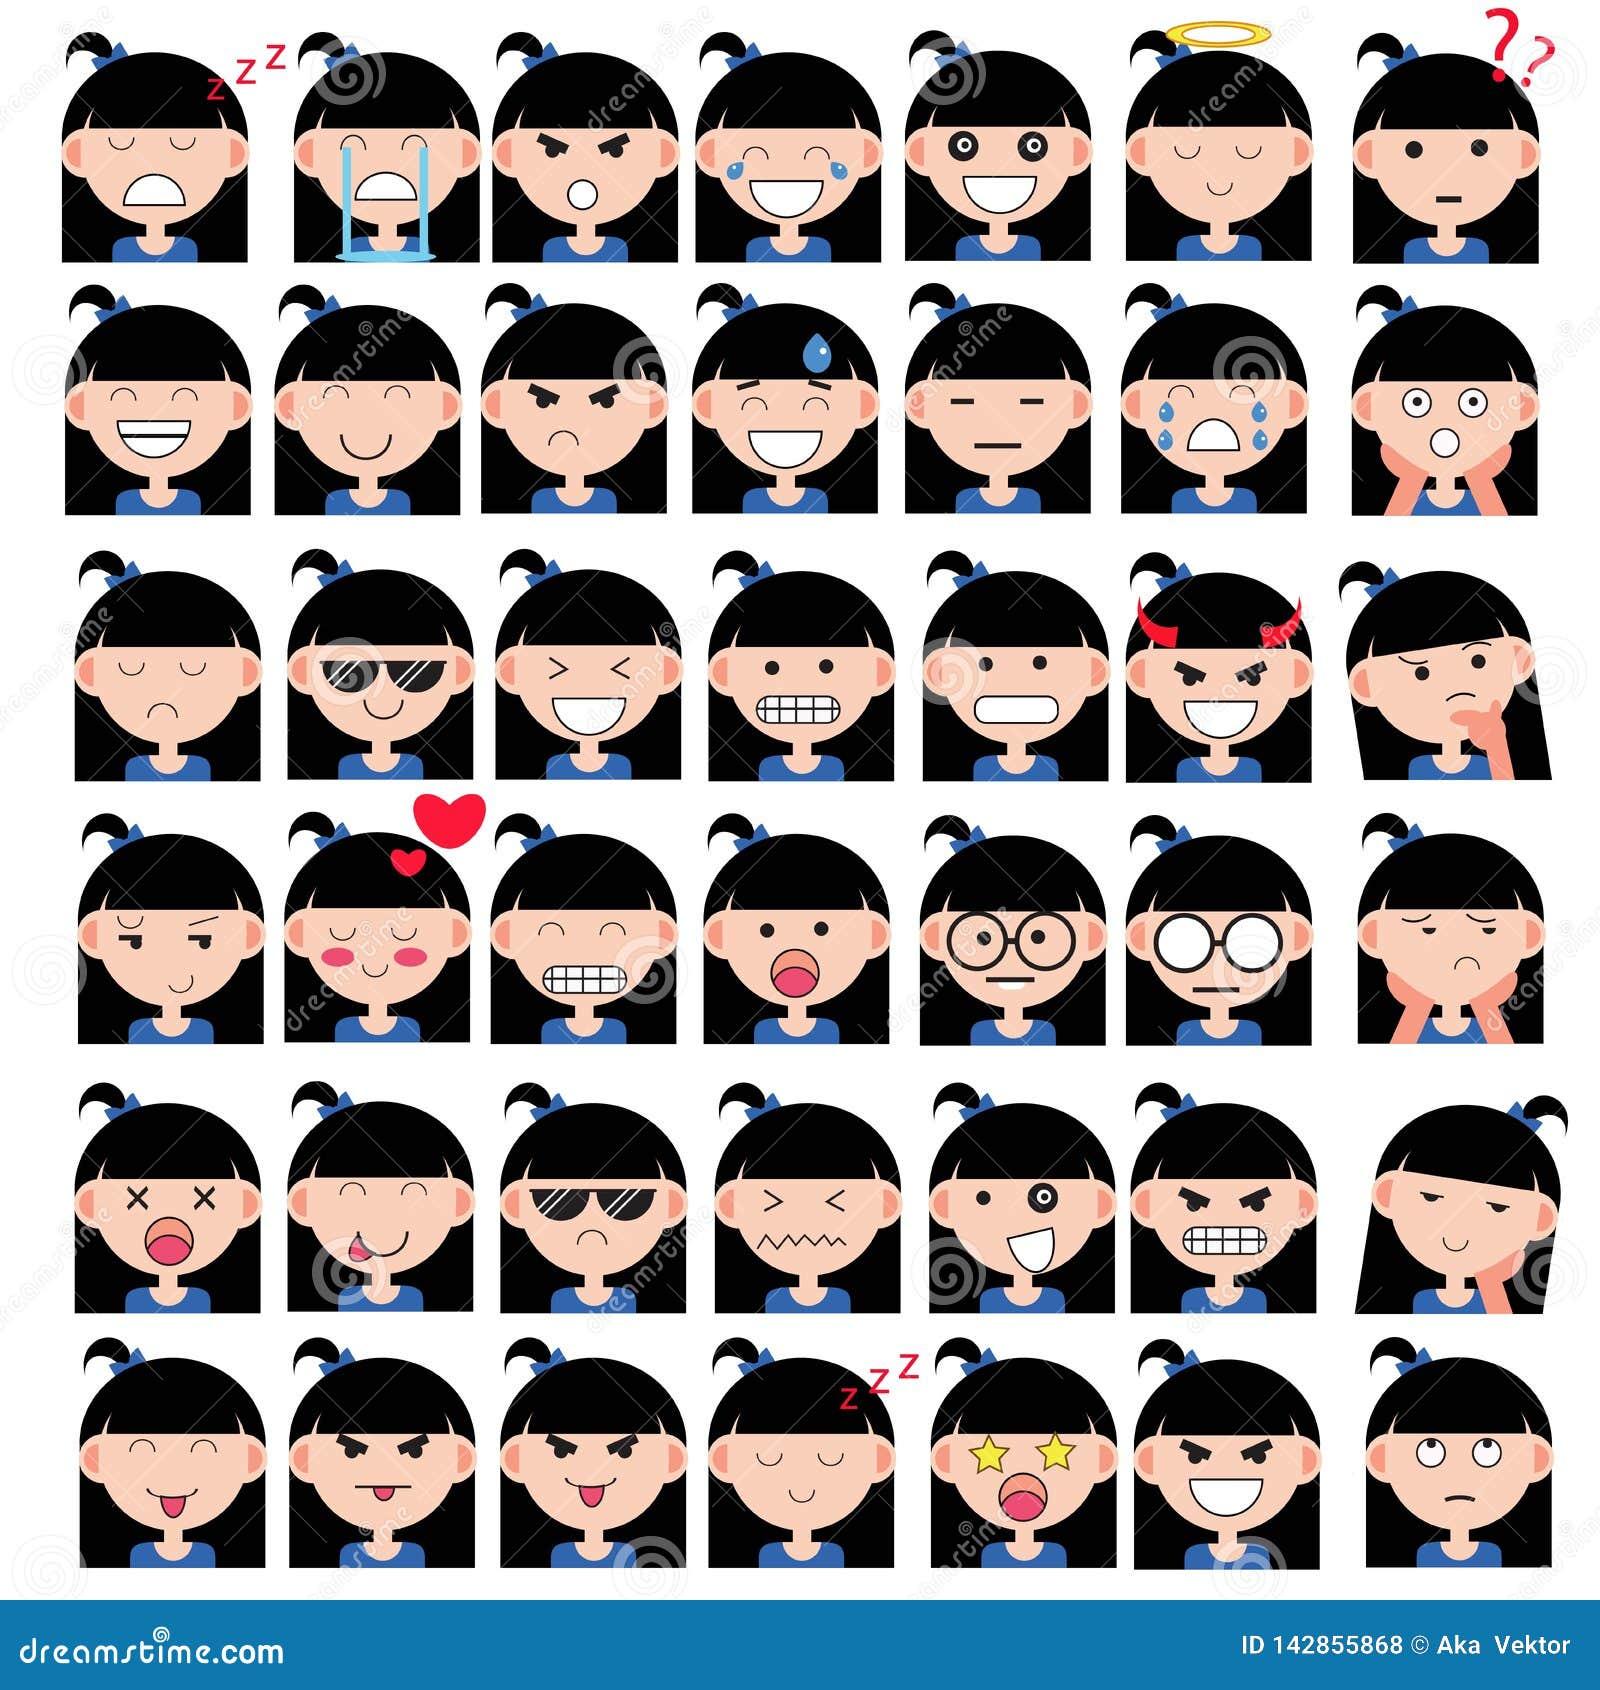 L illustration de la fille mignonne asiatique fait face à montrer différentes émotions La joie, tristesse, colère, parler, drôle,